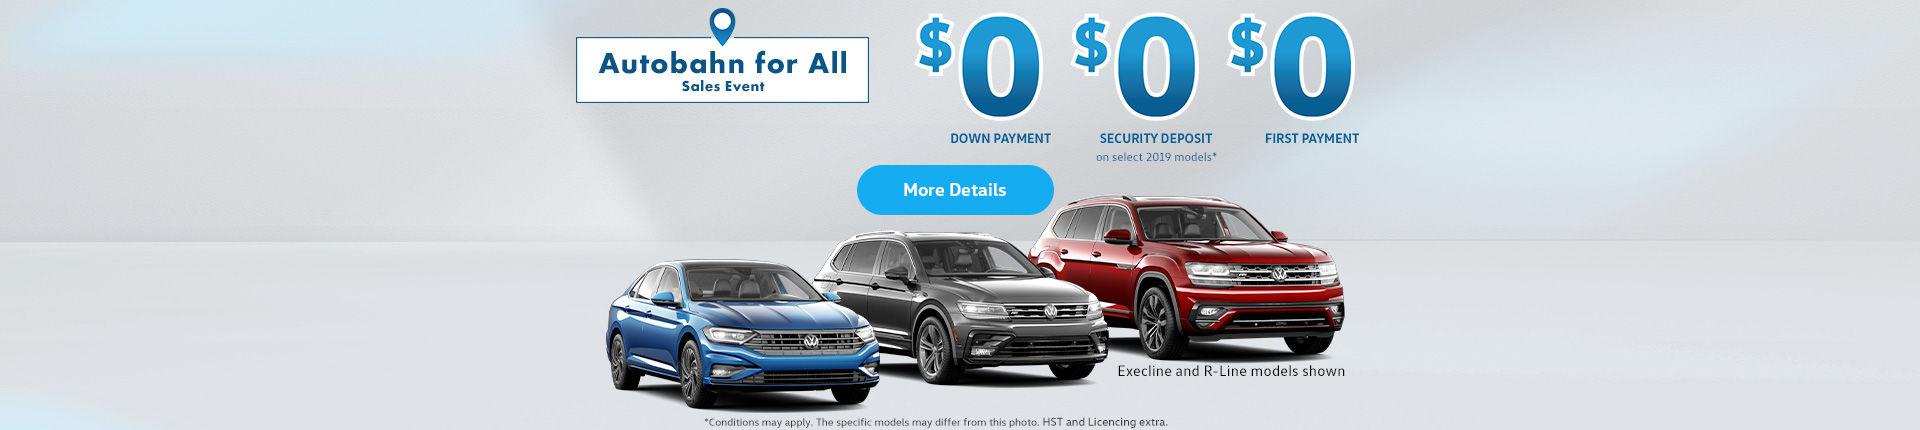 Volkswagen Autobahn Sales Event